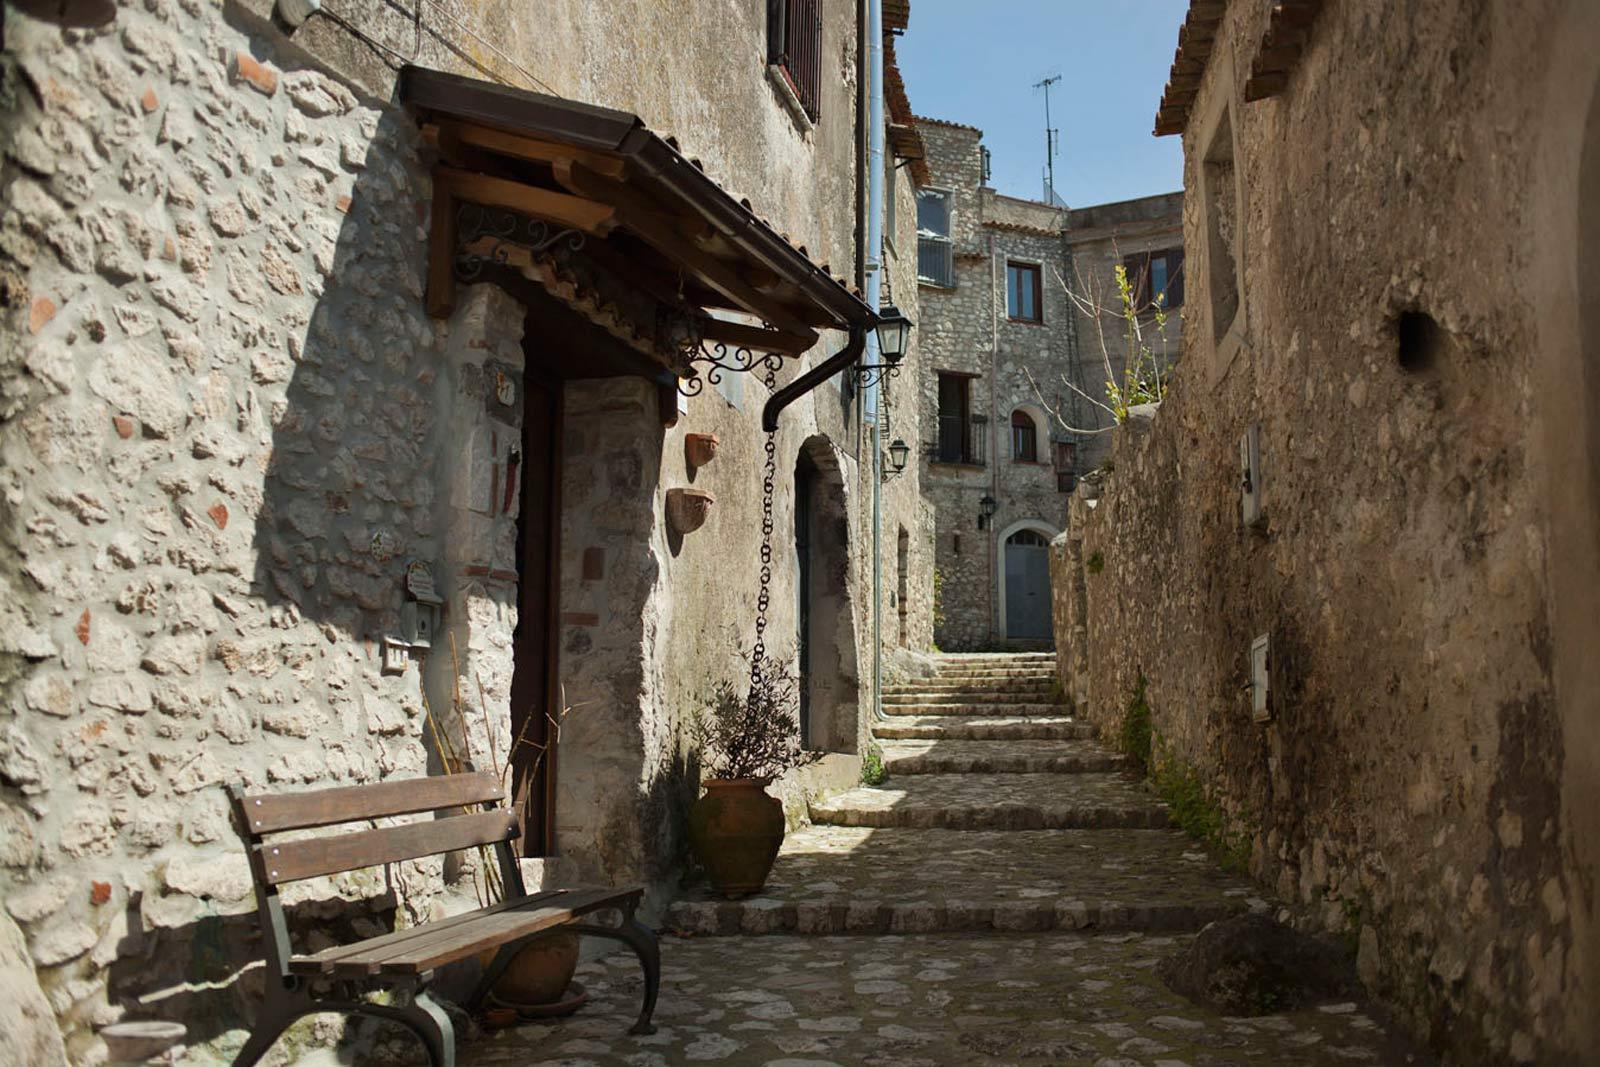 Borgo di Vairano Patenora